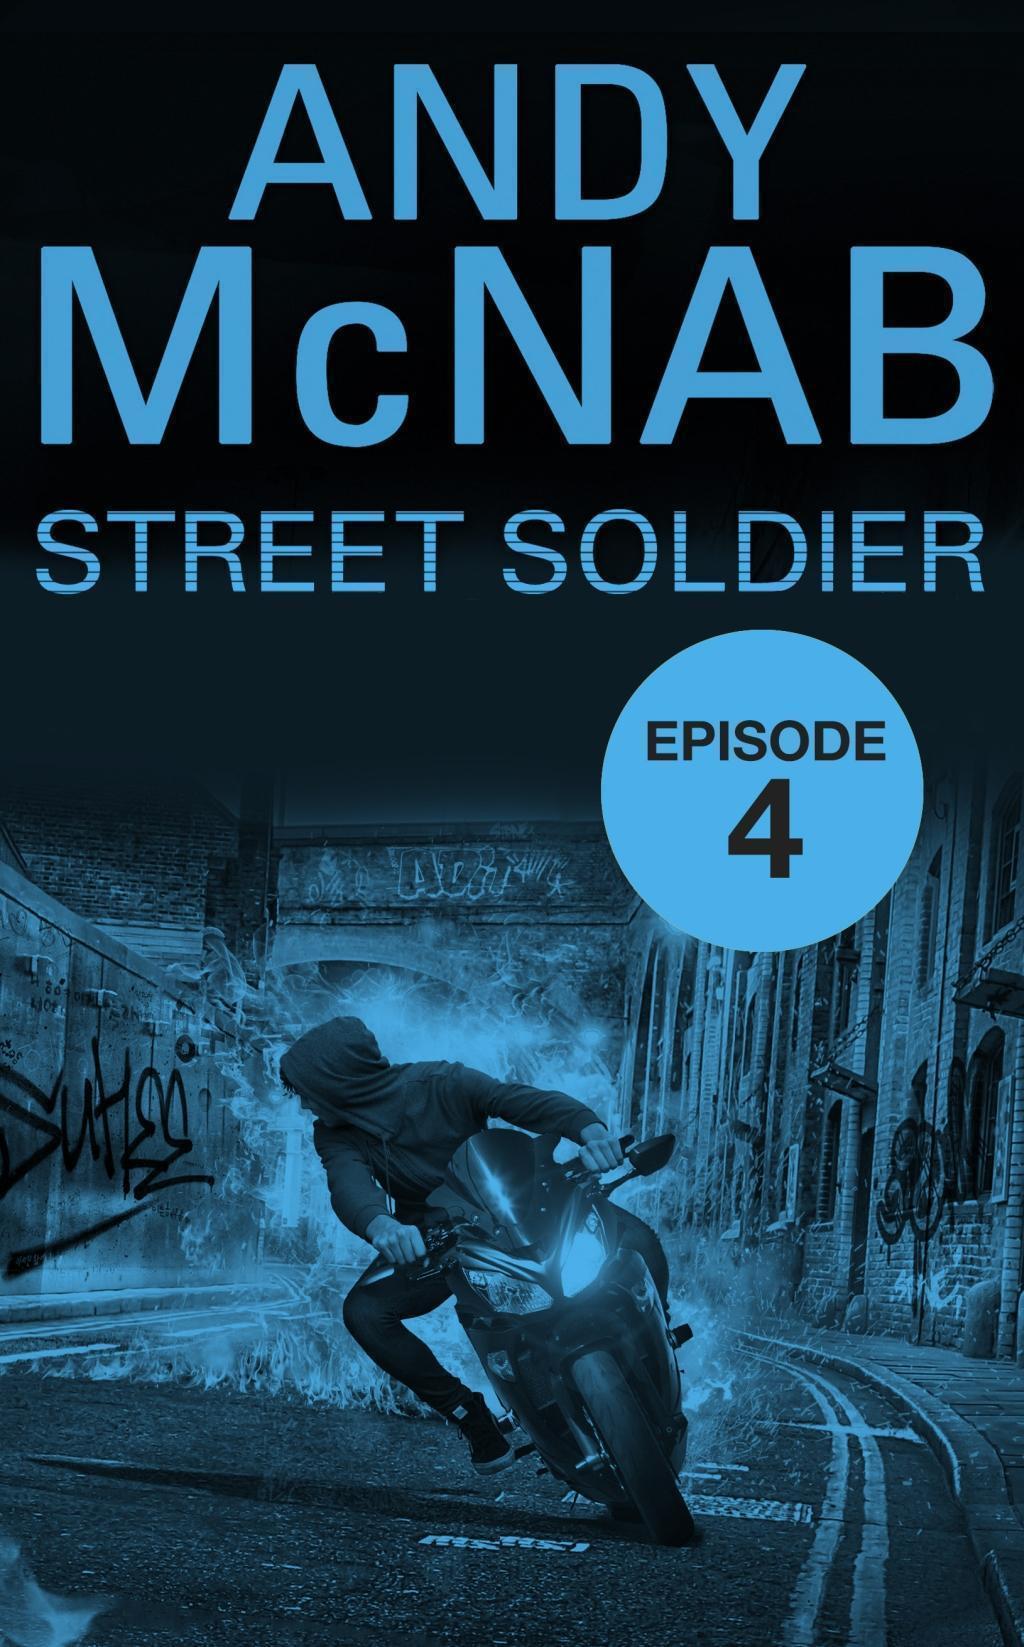 Street Soldier: Episode 4